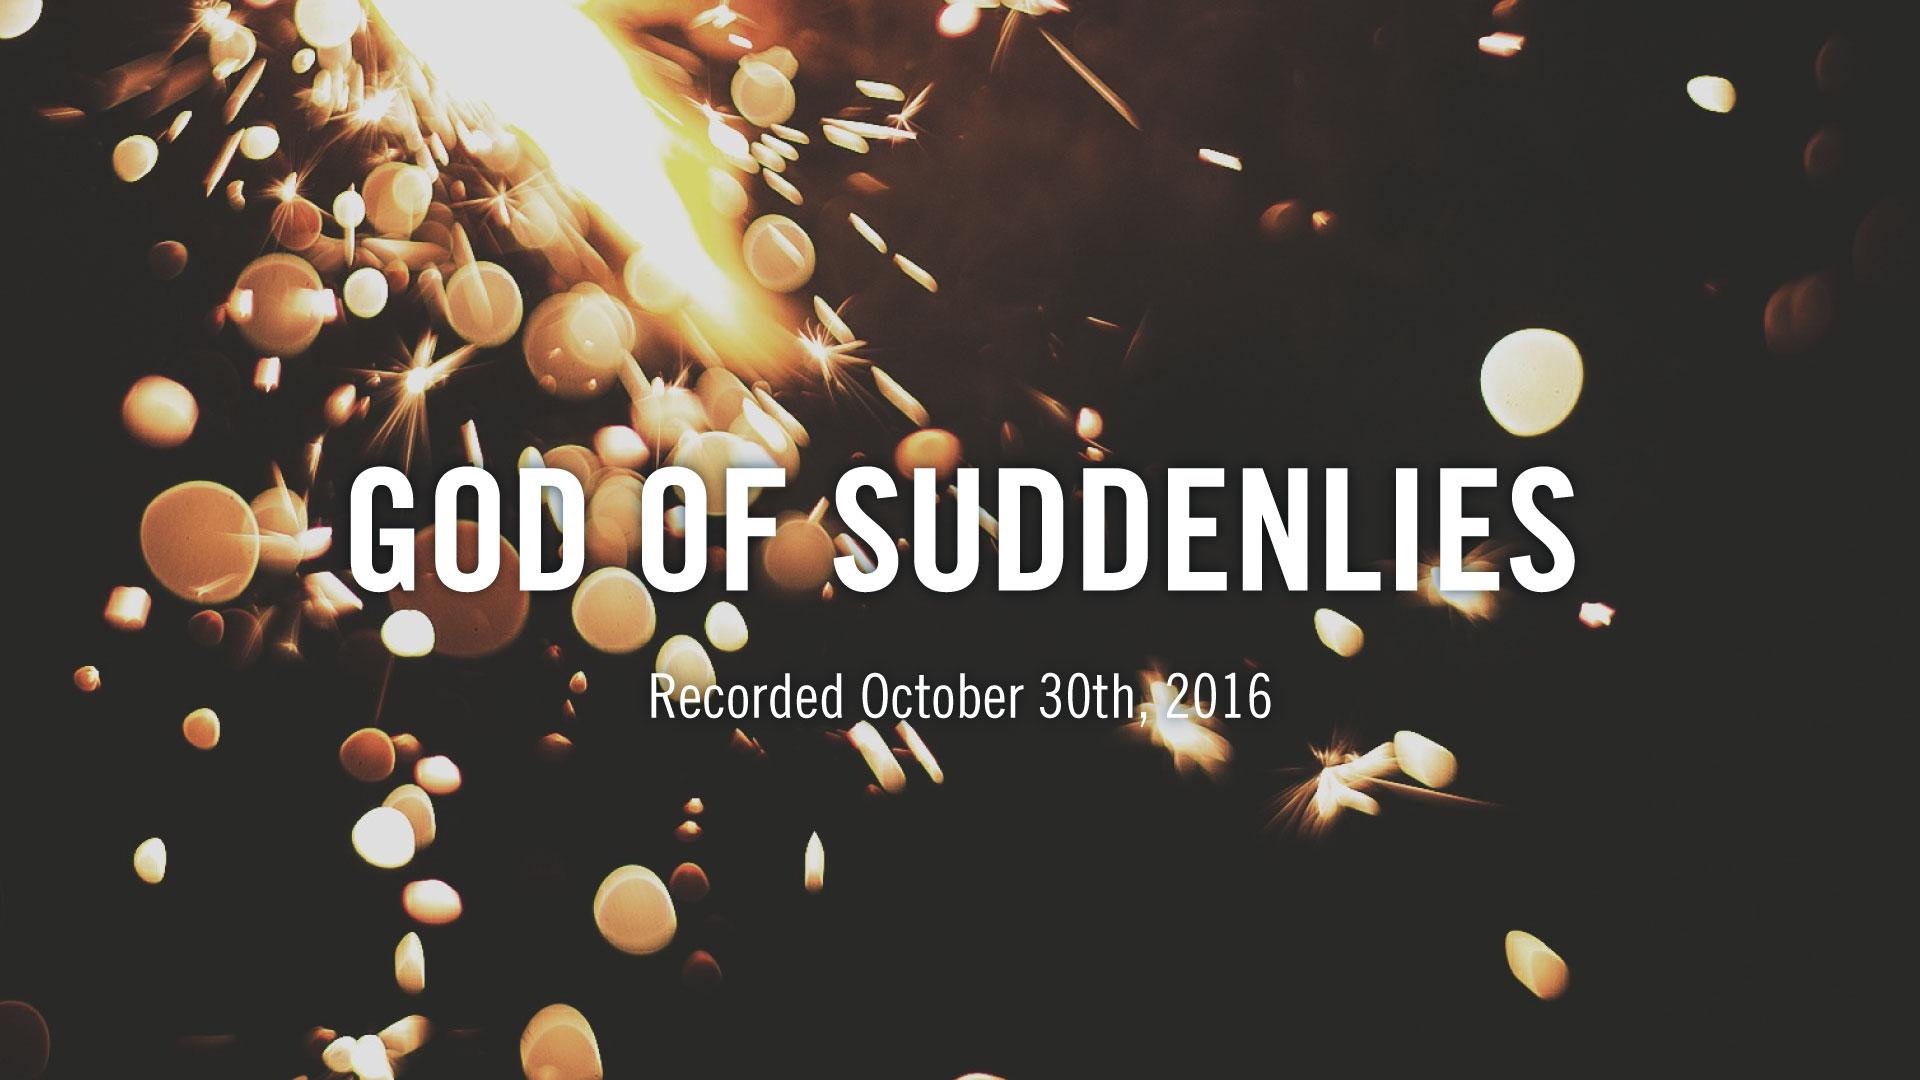 god-of-suddenlies_theme_pastor-steve-mccartt-family-worship-center-florence_web